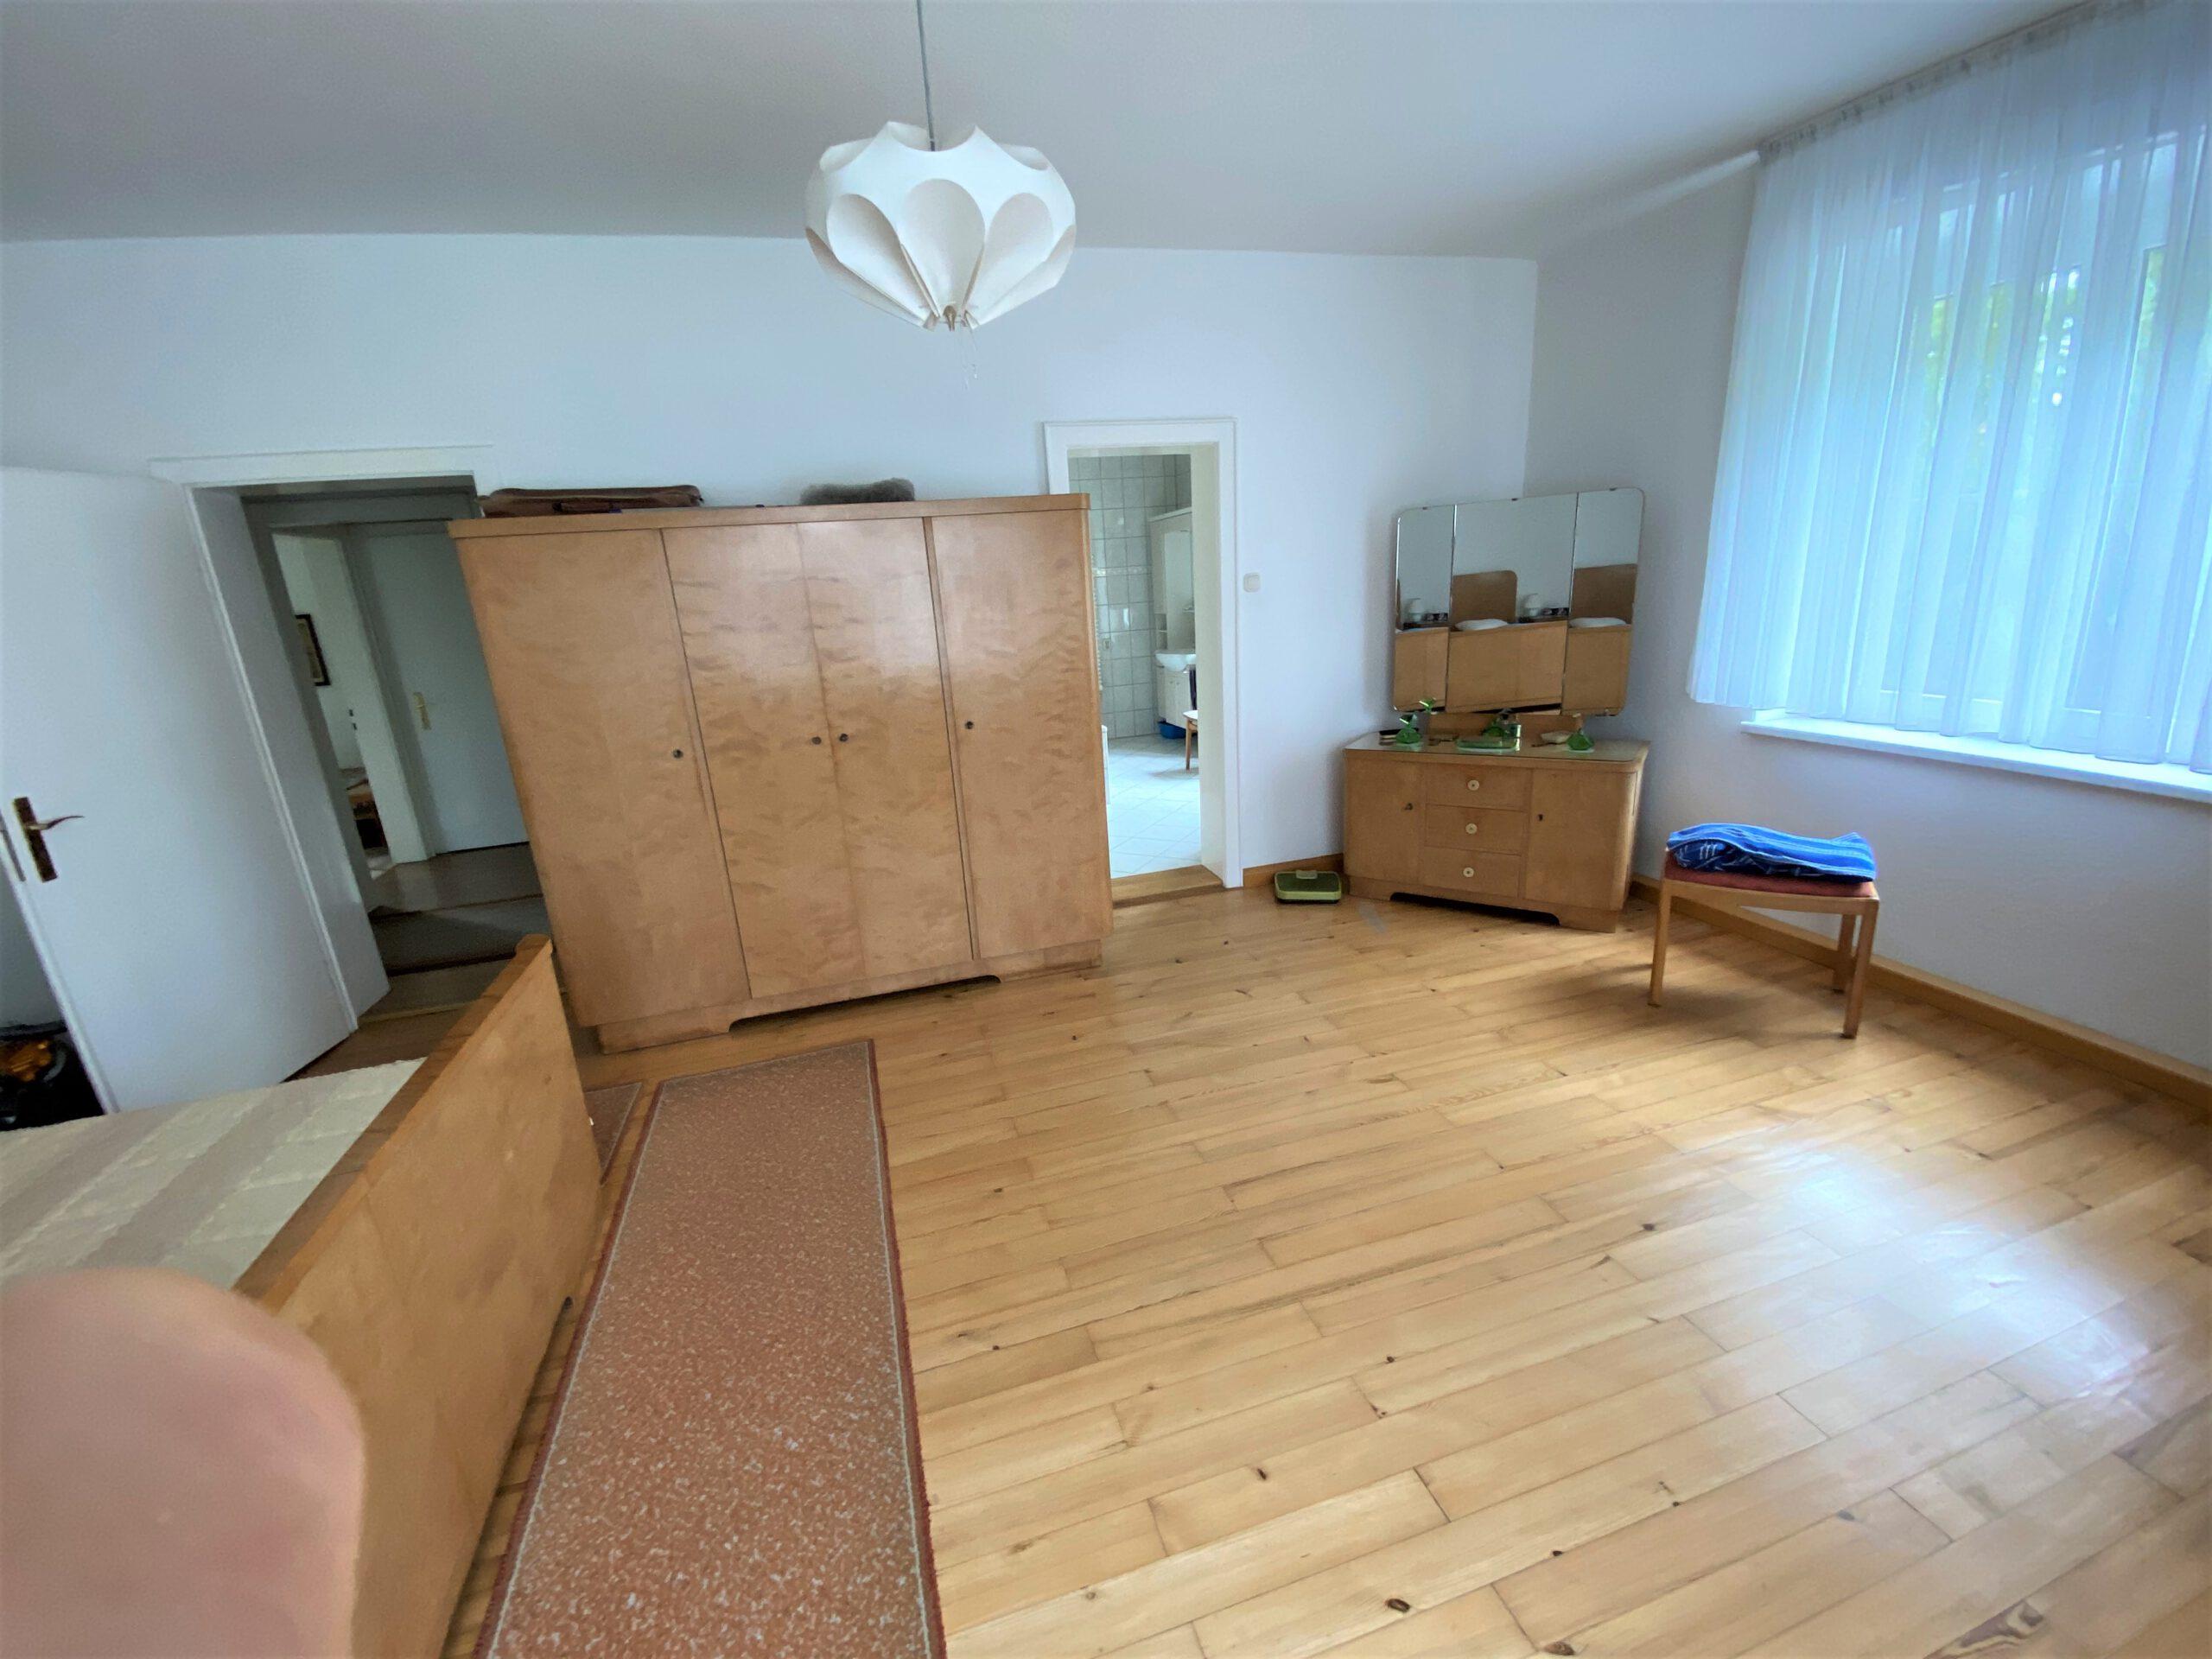 Einfamilienhaus in Leuna - Zimmer im Obergeschoss mit Zugang zum Badezimmer